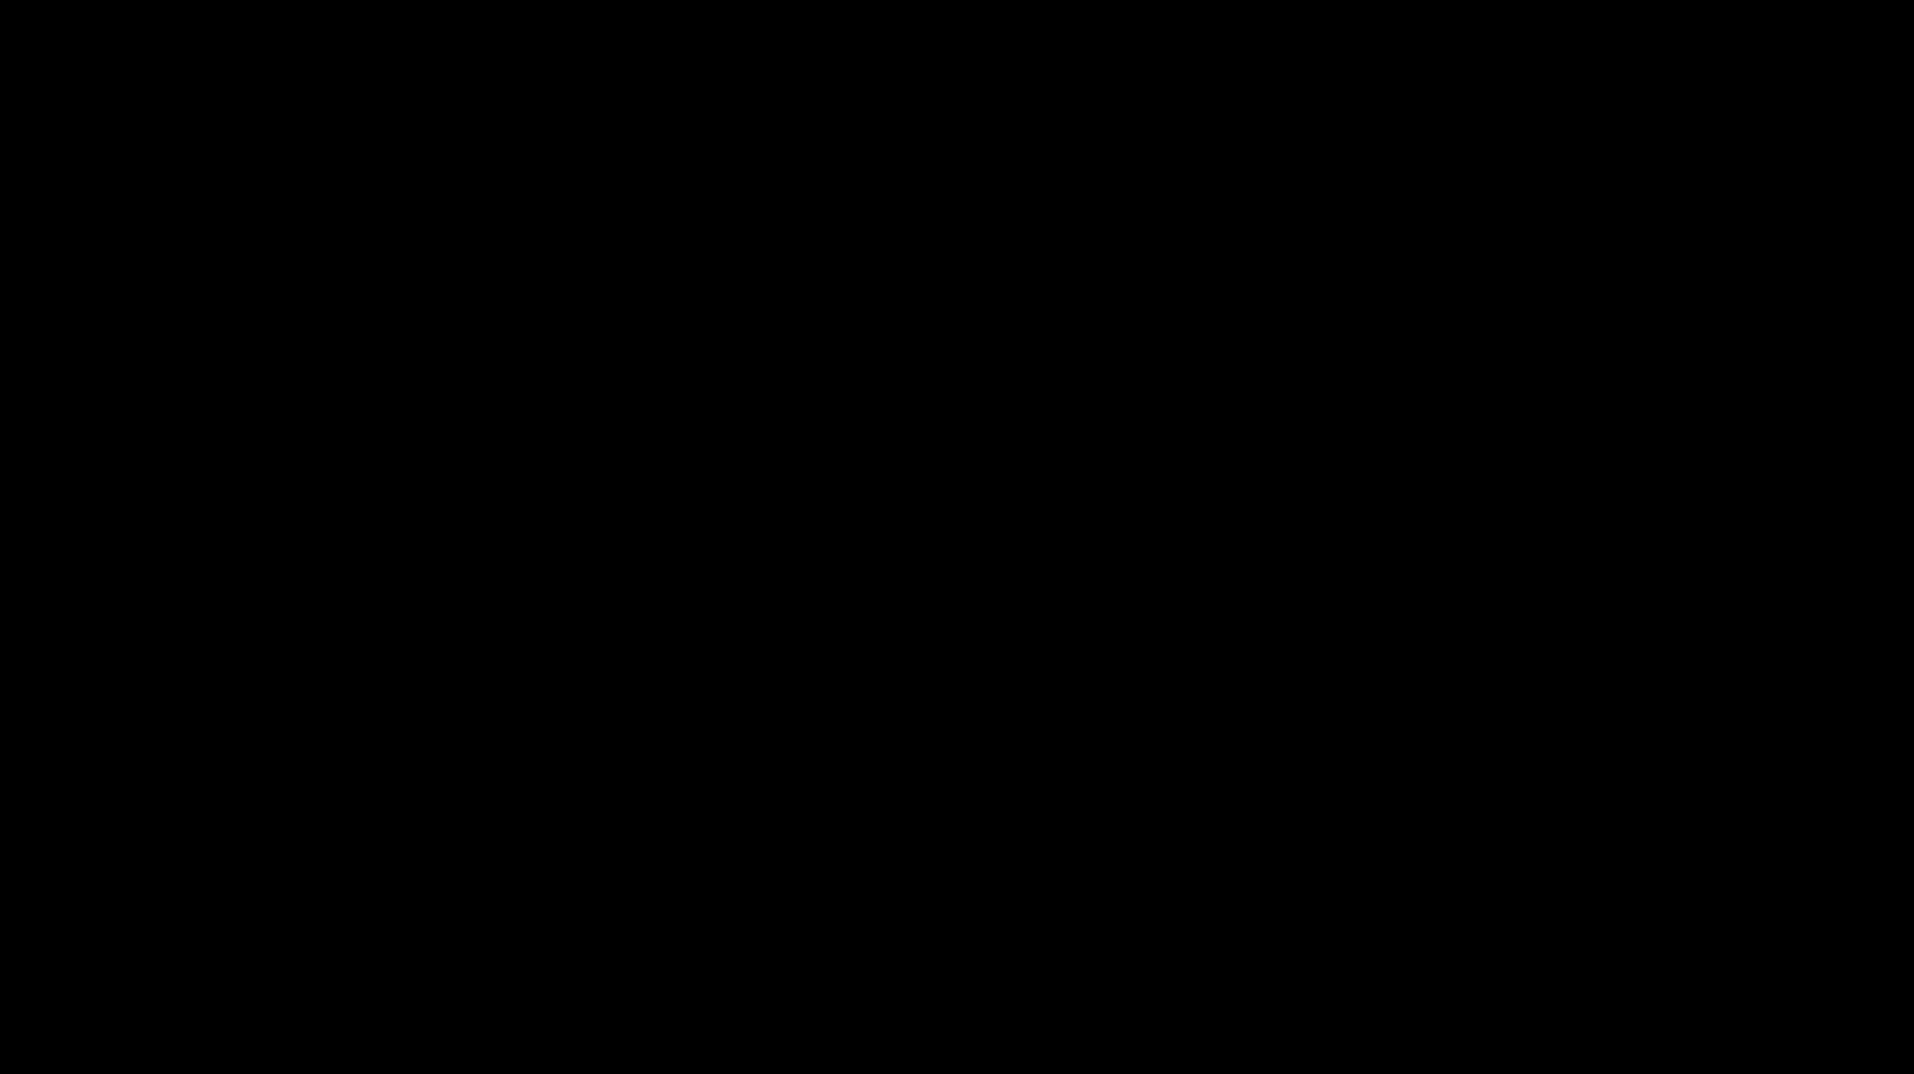 ΤΑΞΙΔΕΥΟΝΤΑΣ ΜΕ ΑΣΦΑΛΕΙΑ ΣΤΗΝ Covid-19 ΕΠΟΧΗ